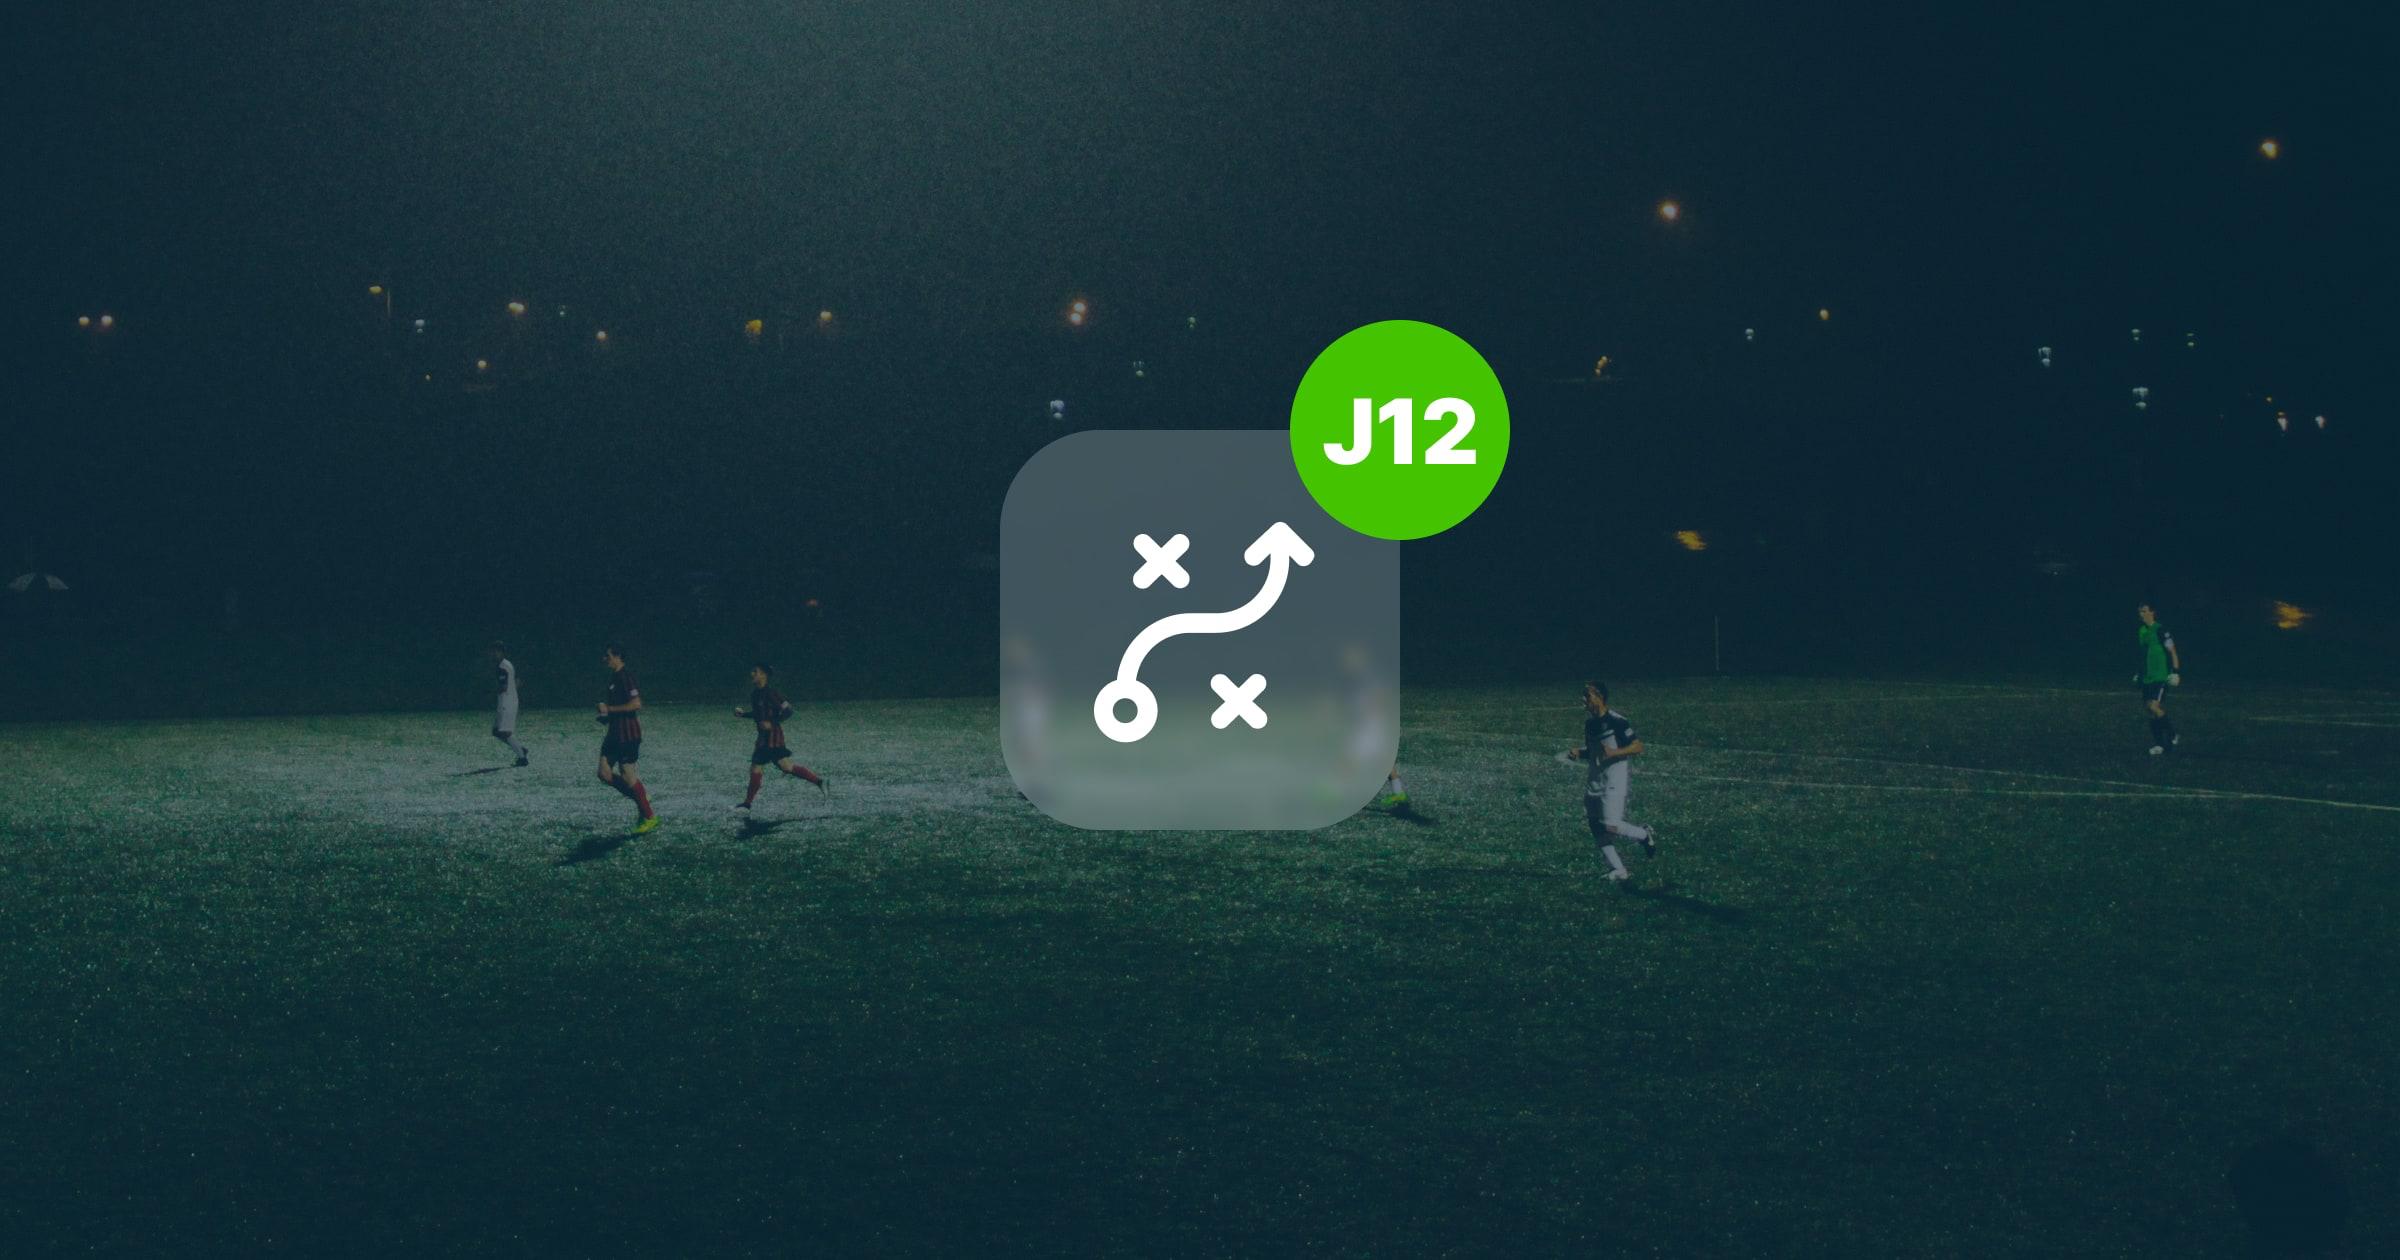 Les joueurs à suivre pour la J12